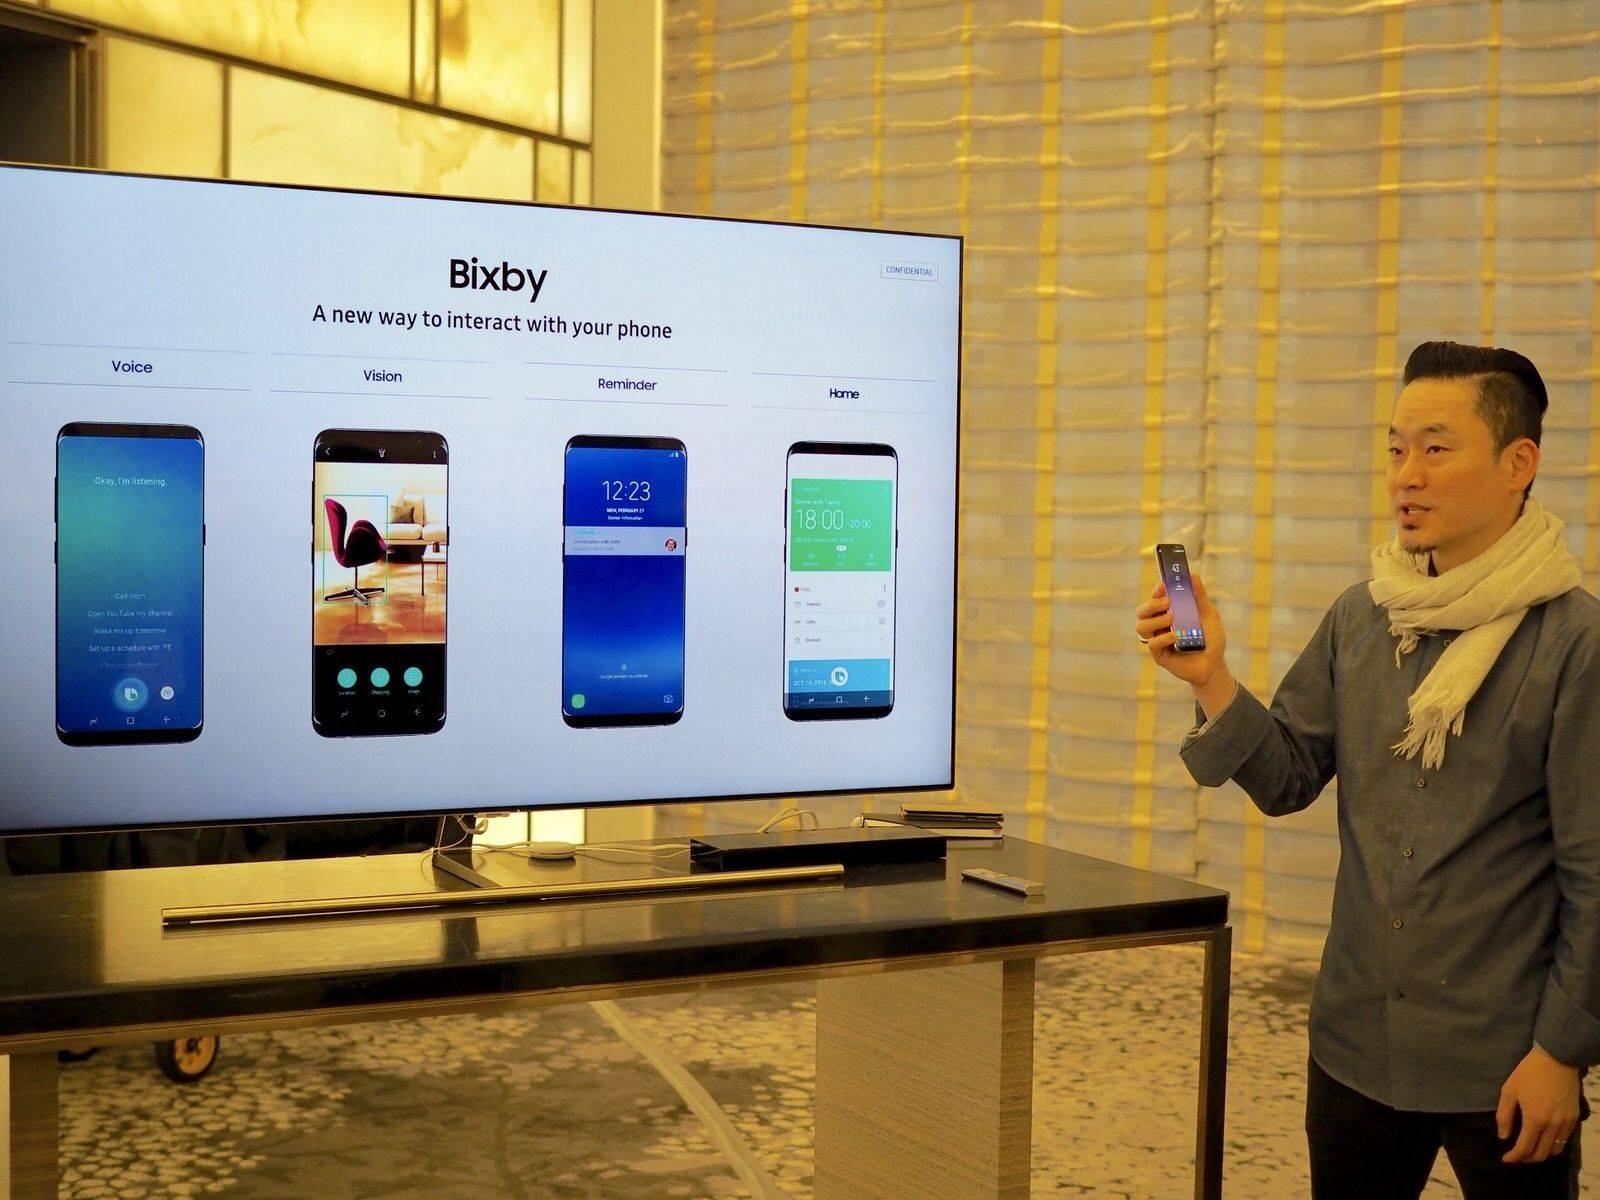 三星 Galaxy S8 / S8+ 上手:除了第一个曲面「全面屏」,还有让你「中毒」的手感 | 极客公园